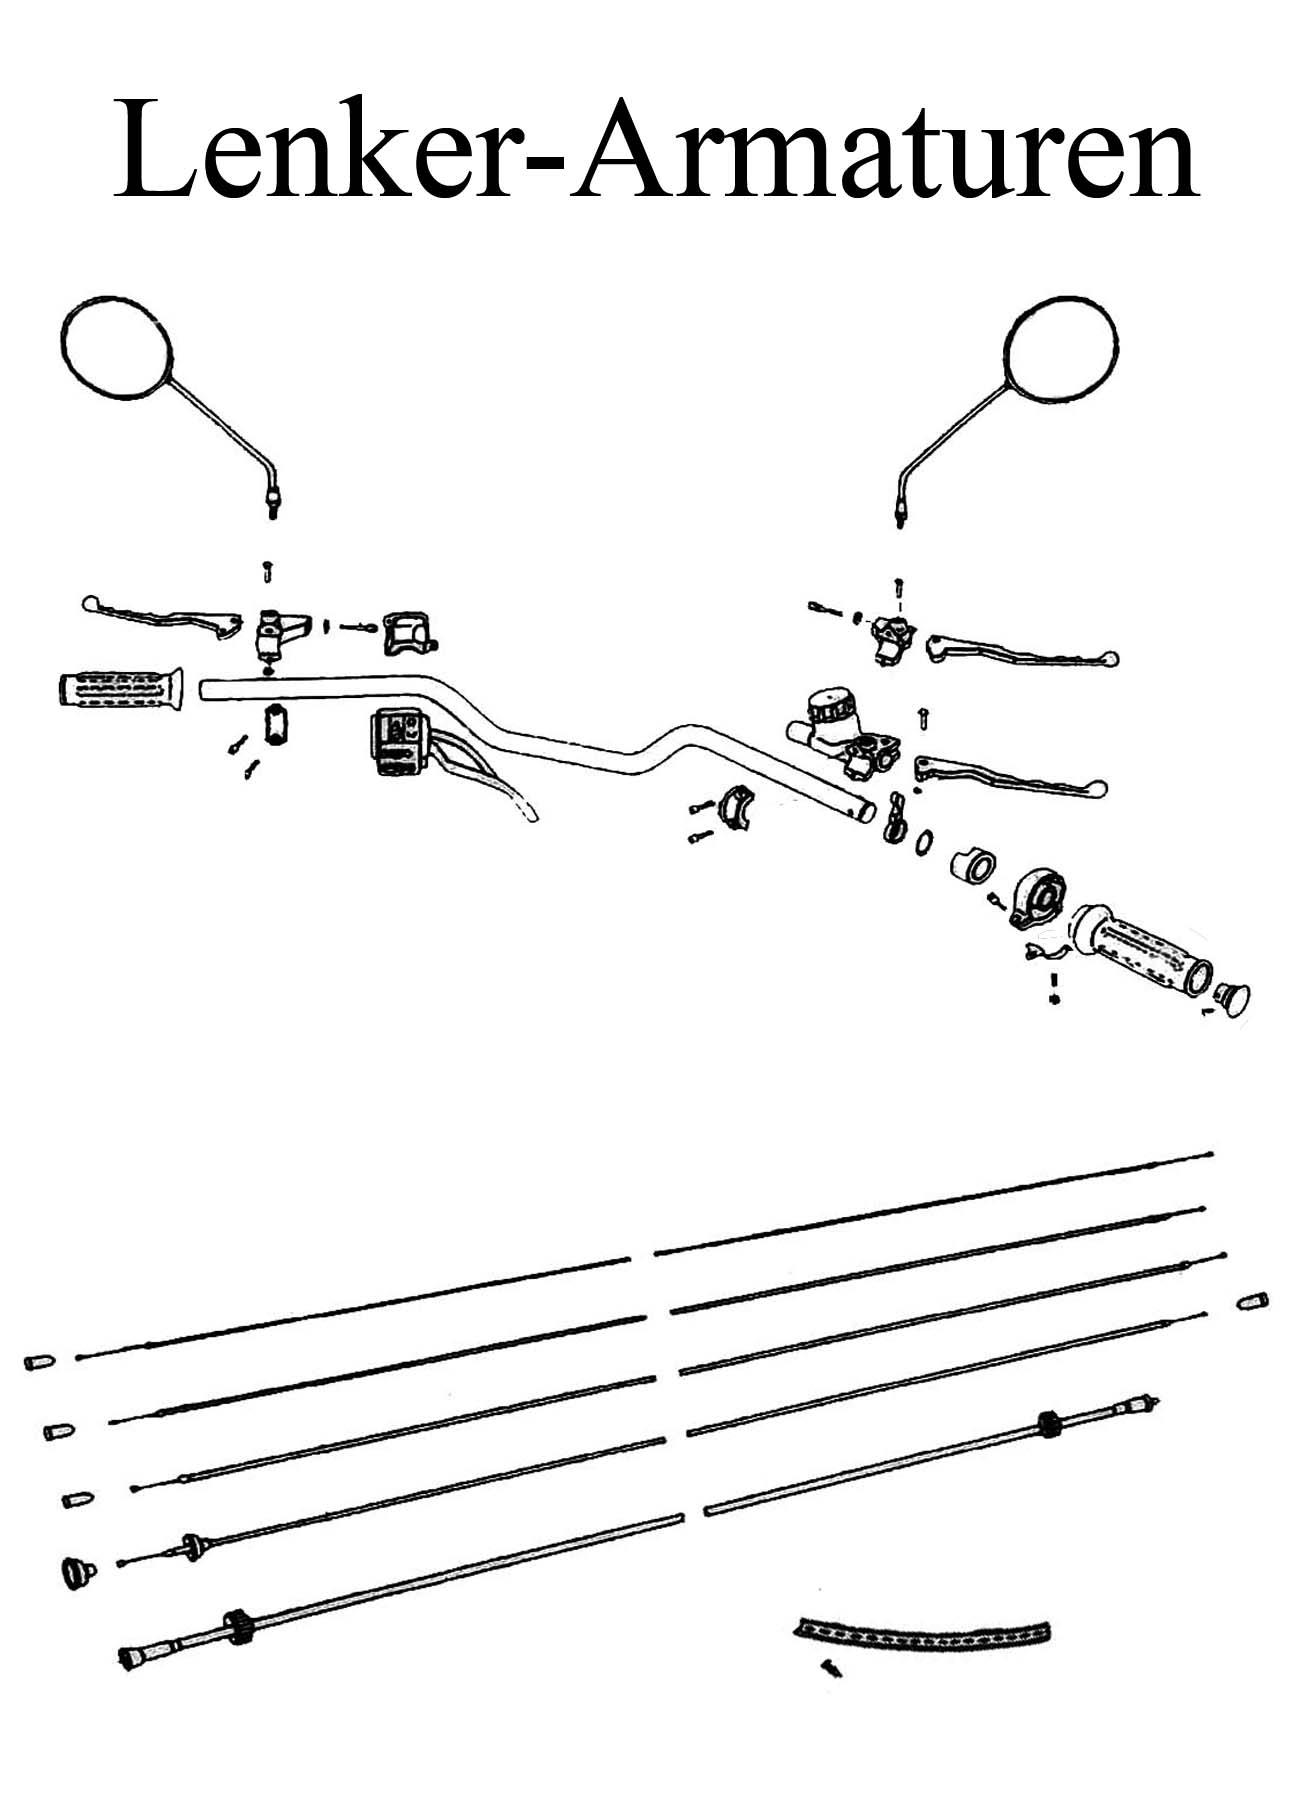 DDR-Motorrad MZ ETZ 125-150 Ersatzteileliste Lenker Armaturen Bremshebel Kupplungsbowdenzug Spiegelglas Griffgummi Tachometer Drehzahlmesserwelle